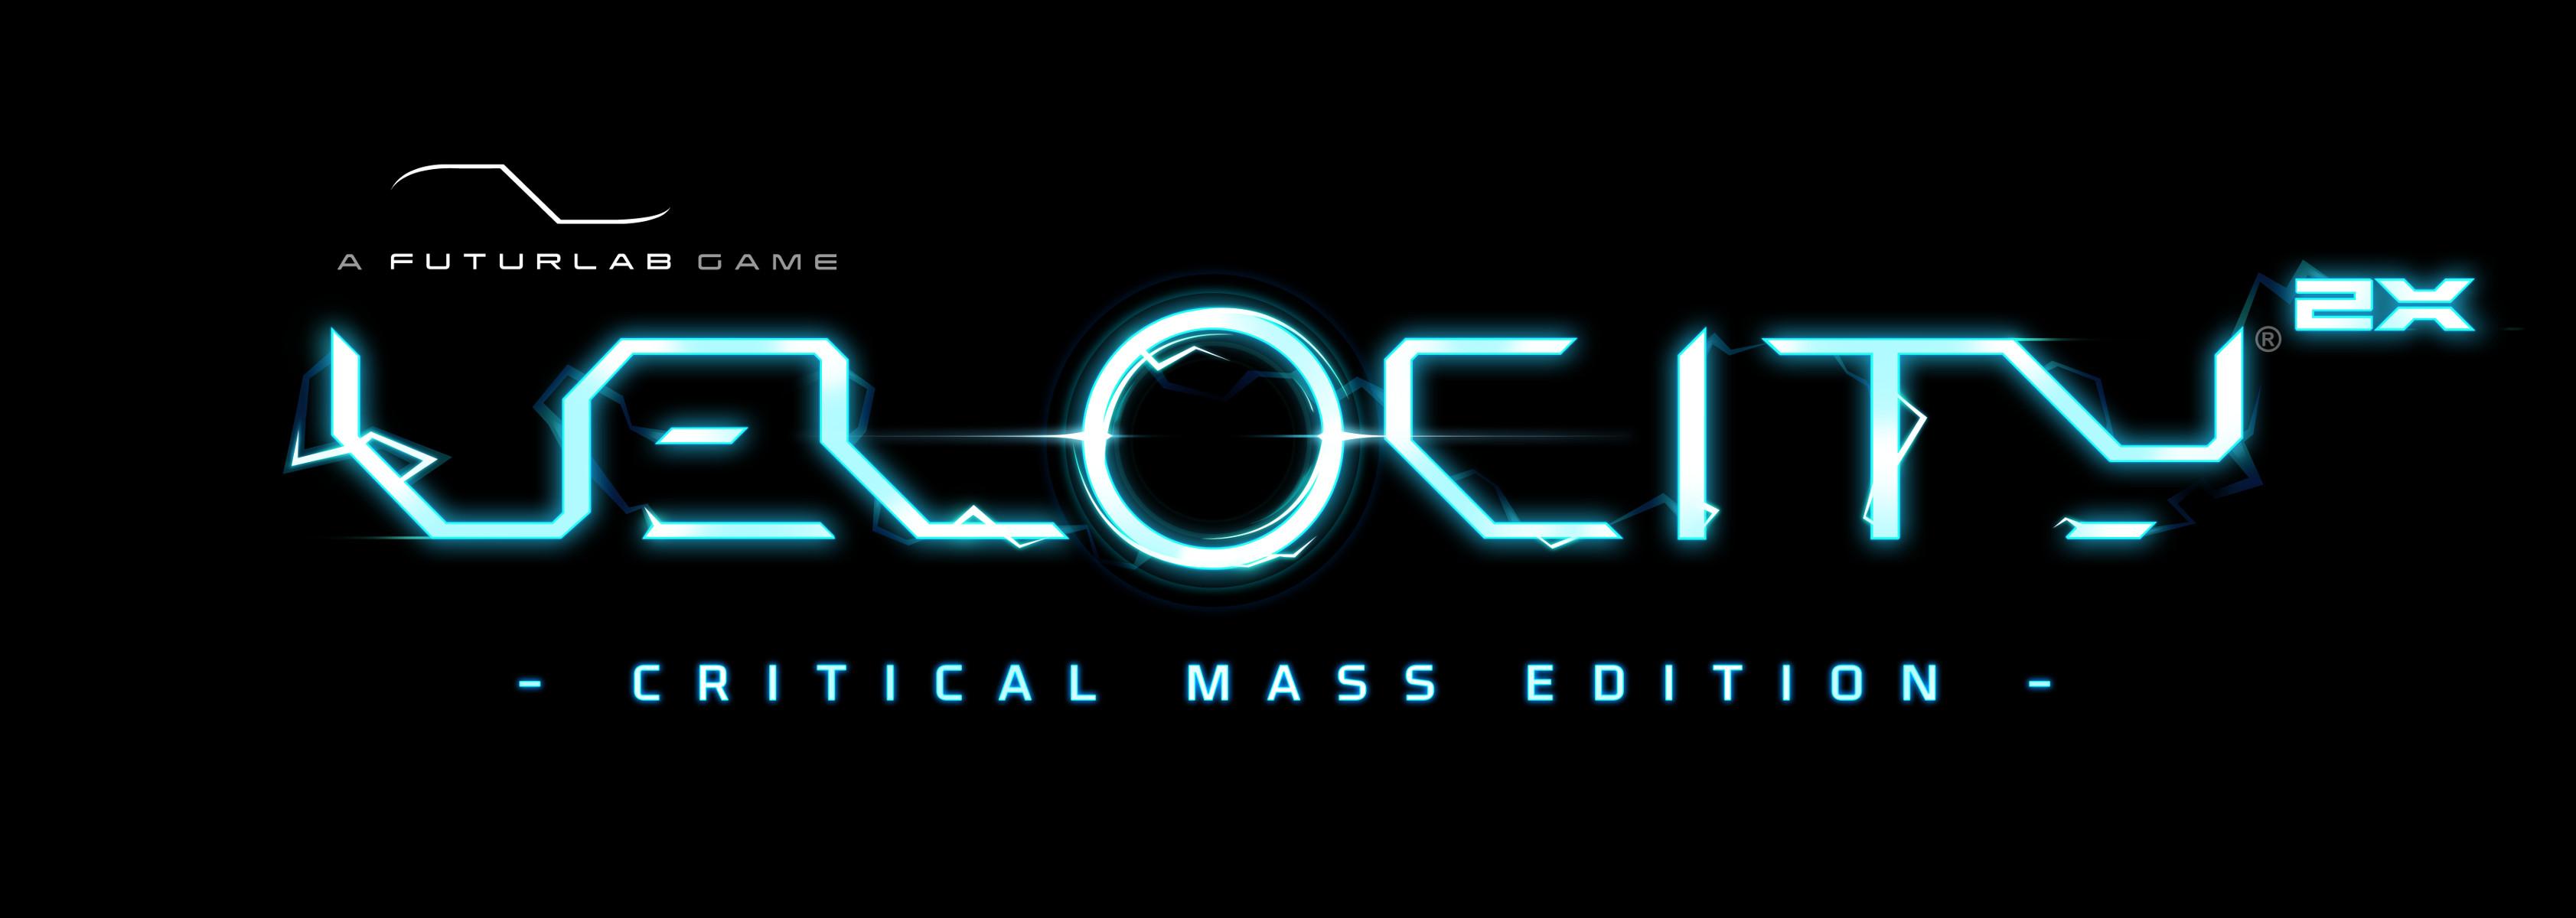 Velocity 2X: Critical Mass Edition llegará a PS4 y PSVita en formato físico este verano